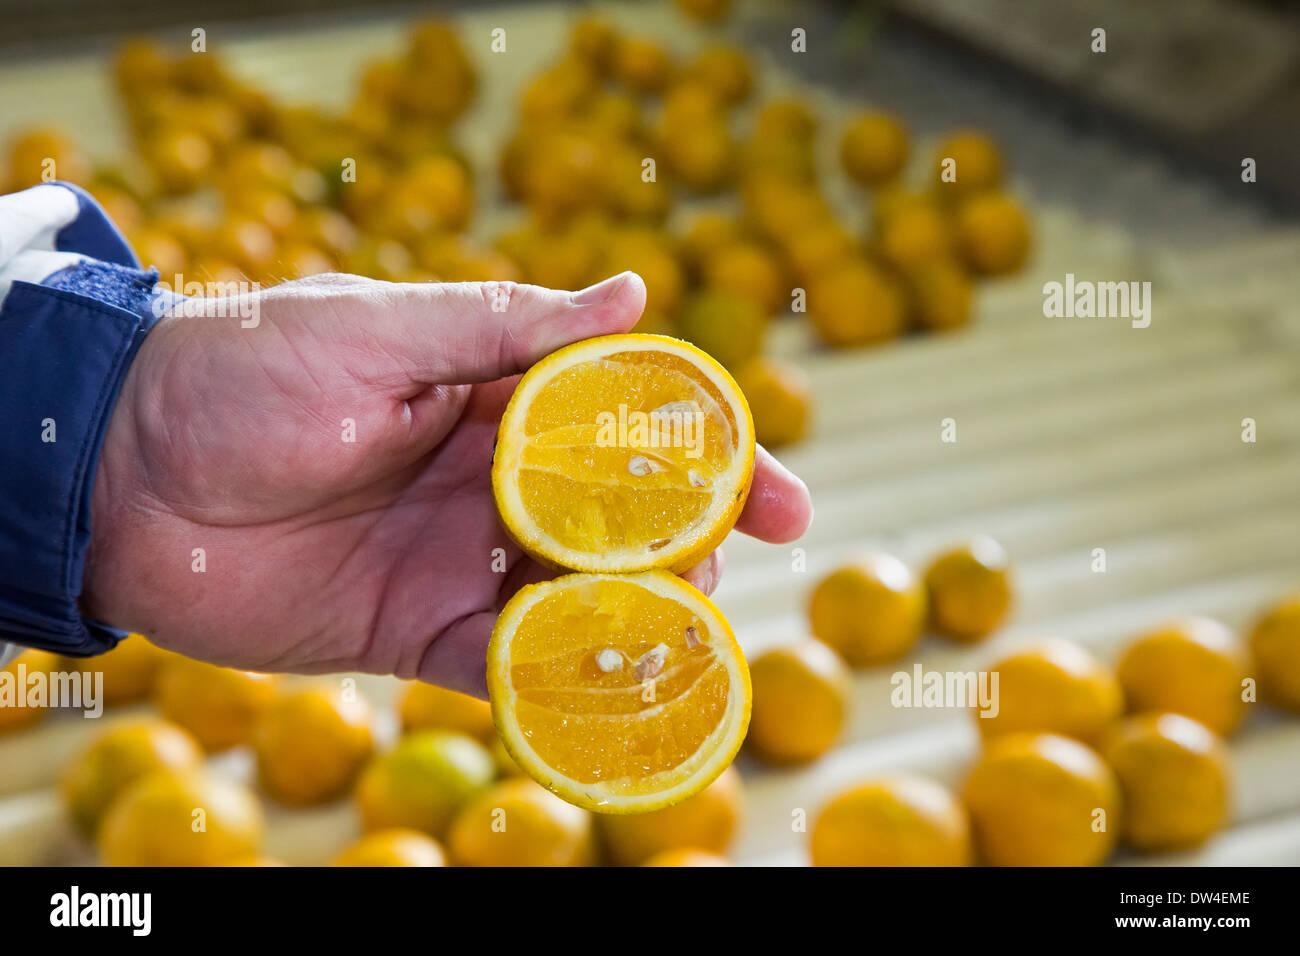 Vero Beach, Florida - eine Orange mit citrus Greening Krankheit infiziert. Stockbild